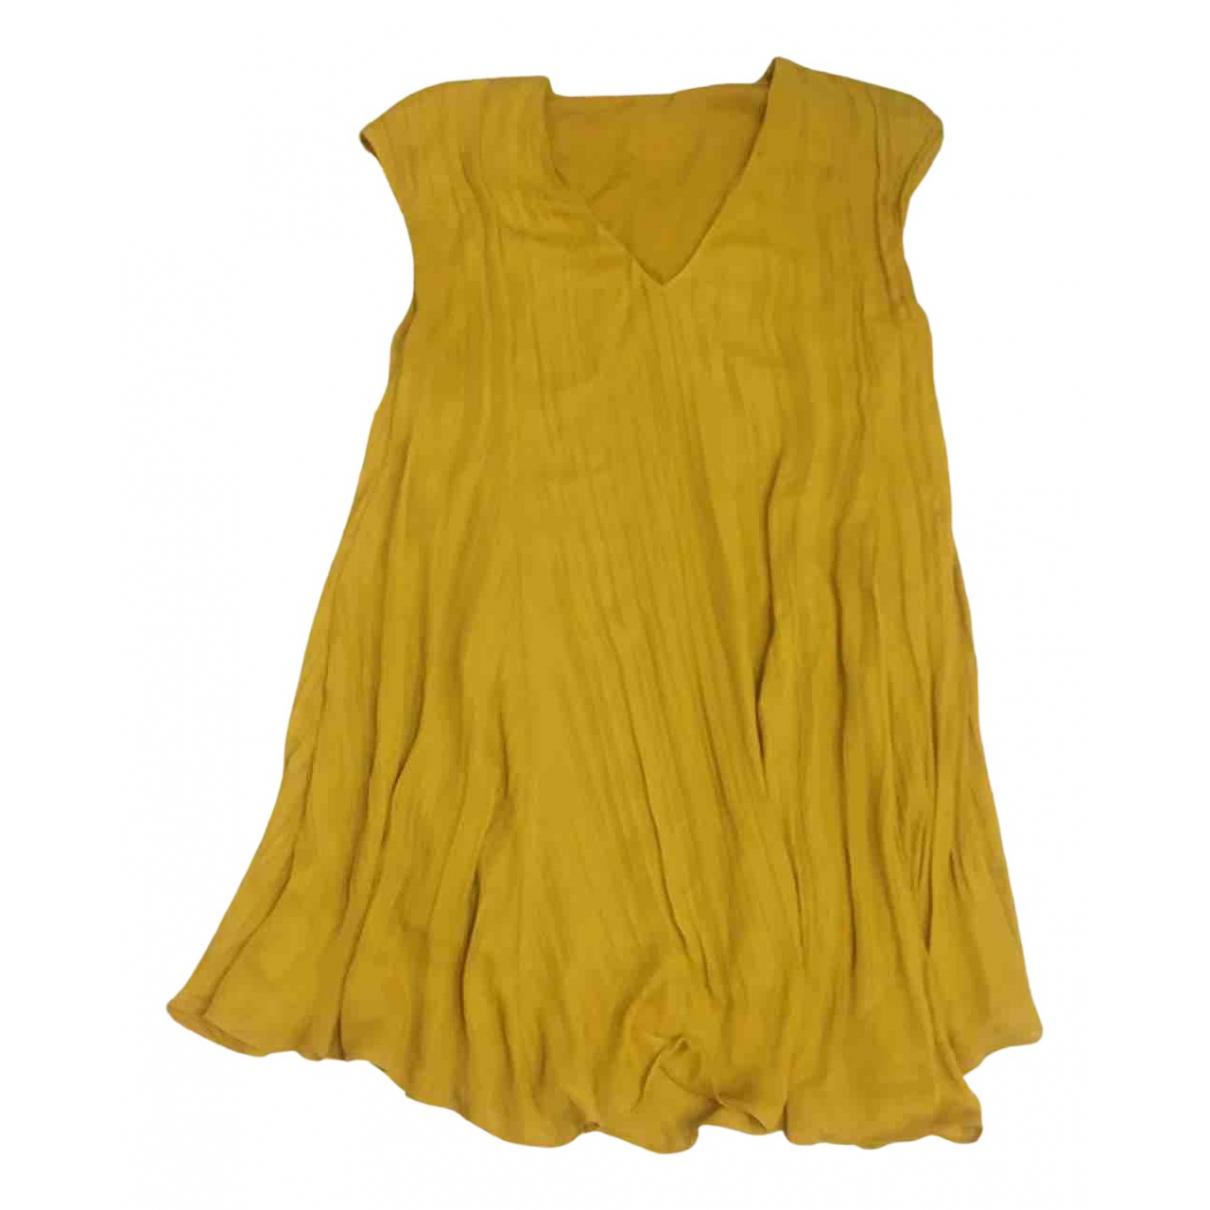 H&m Studio \N Kleid in  Gelb Polyester